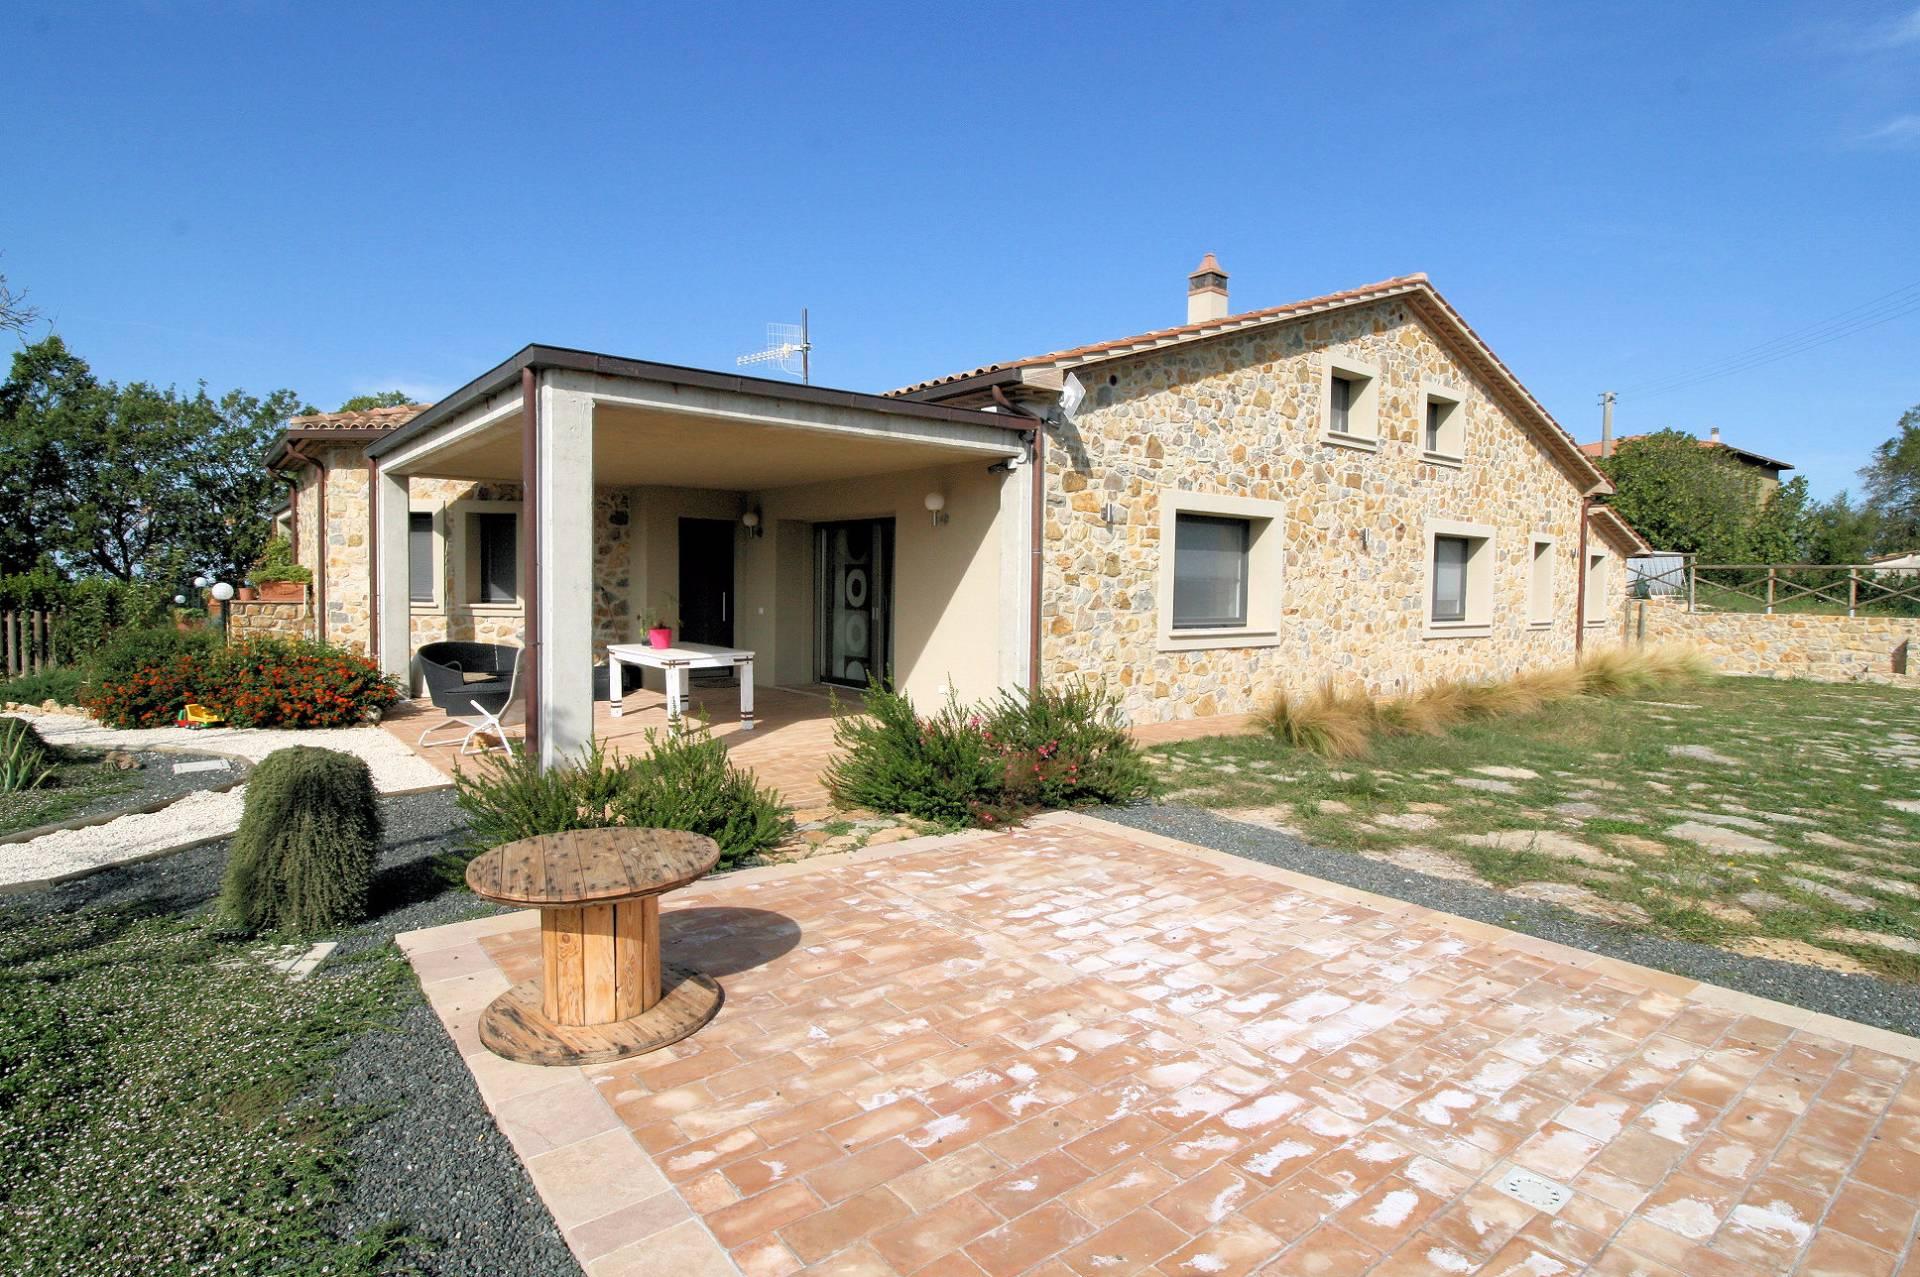 Rustico / Casale in vendita a Manciano, 7 locali, prezzo € 475.000 | Cambio Casa.it